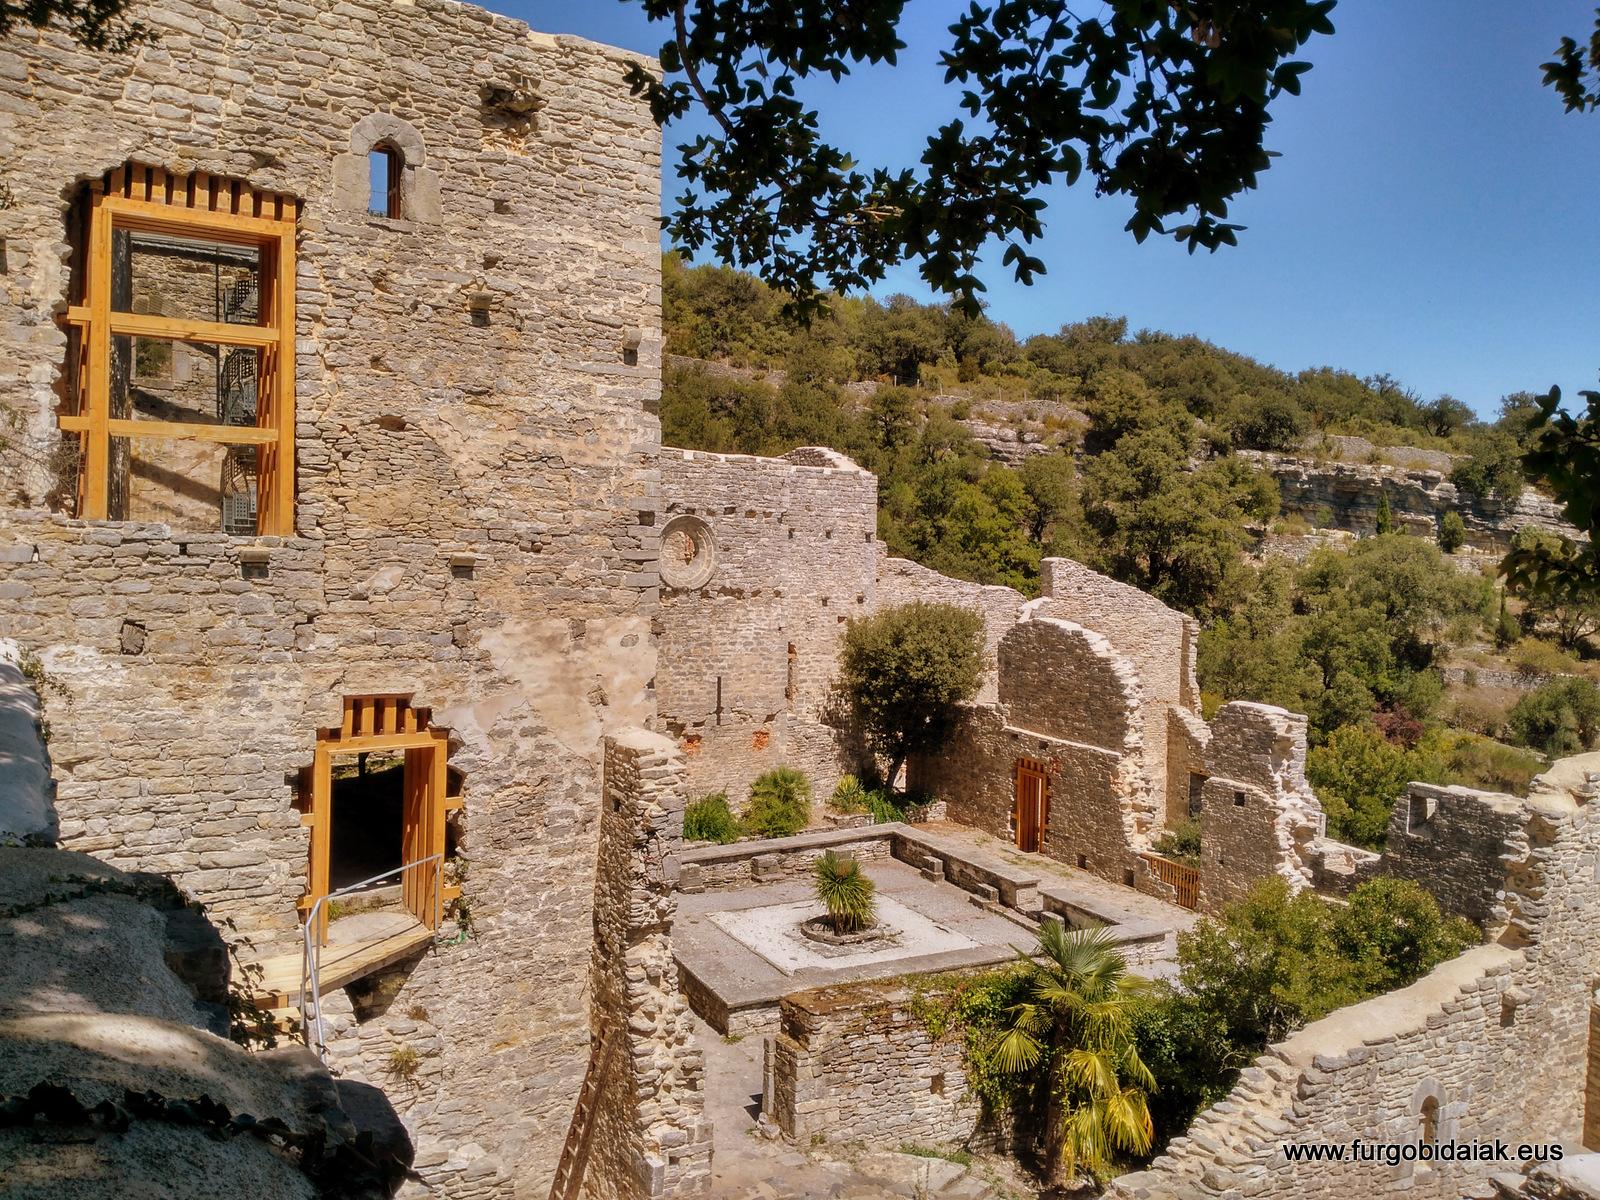 Jardín botánico Santa Catalina de Badaia, fortaleza convento